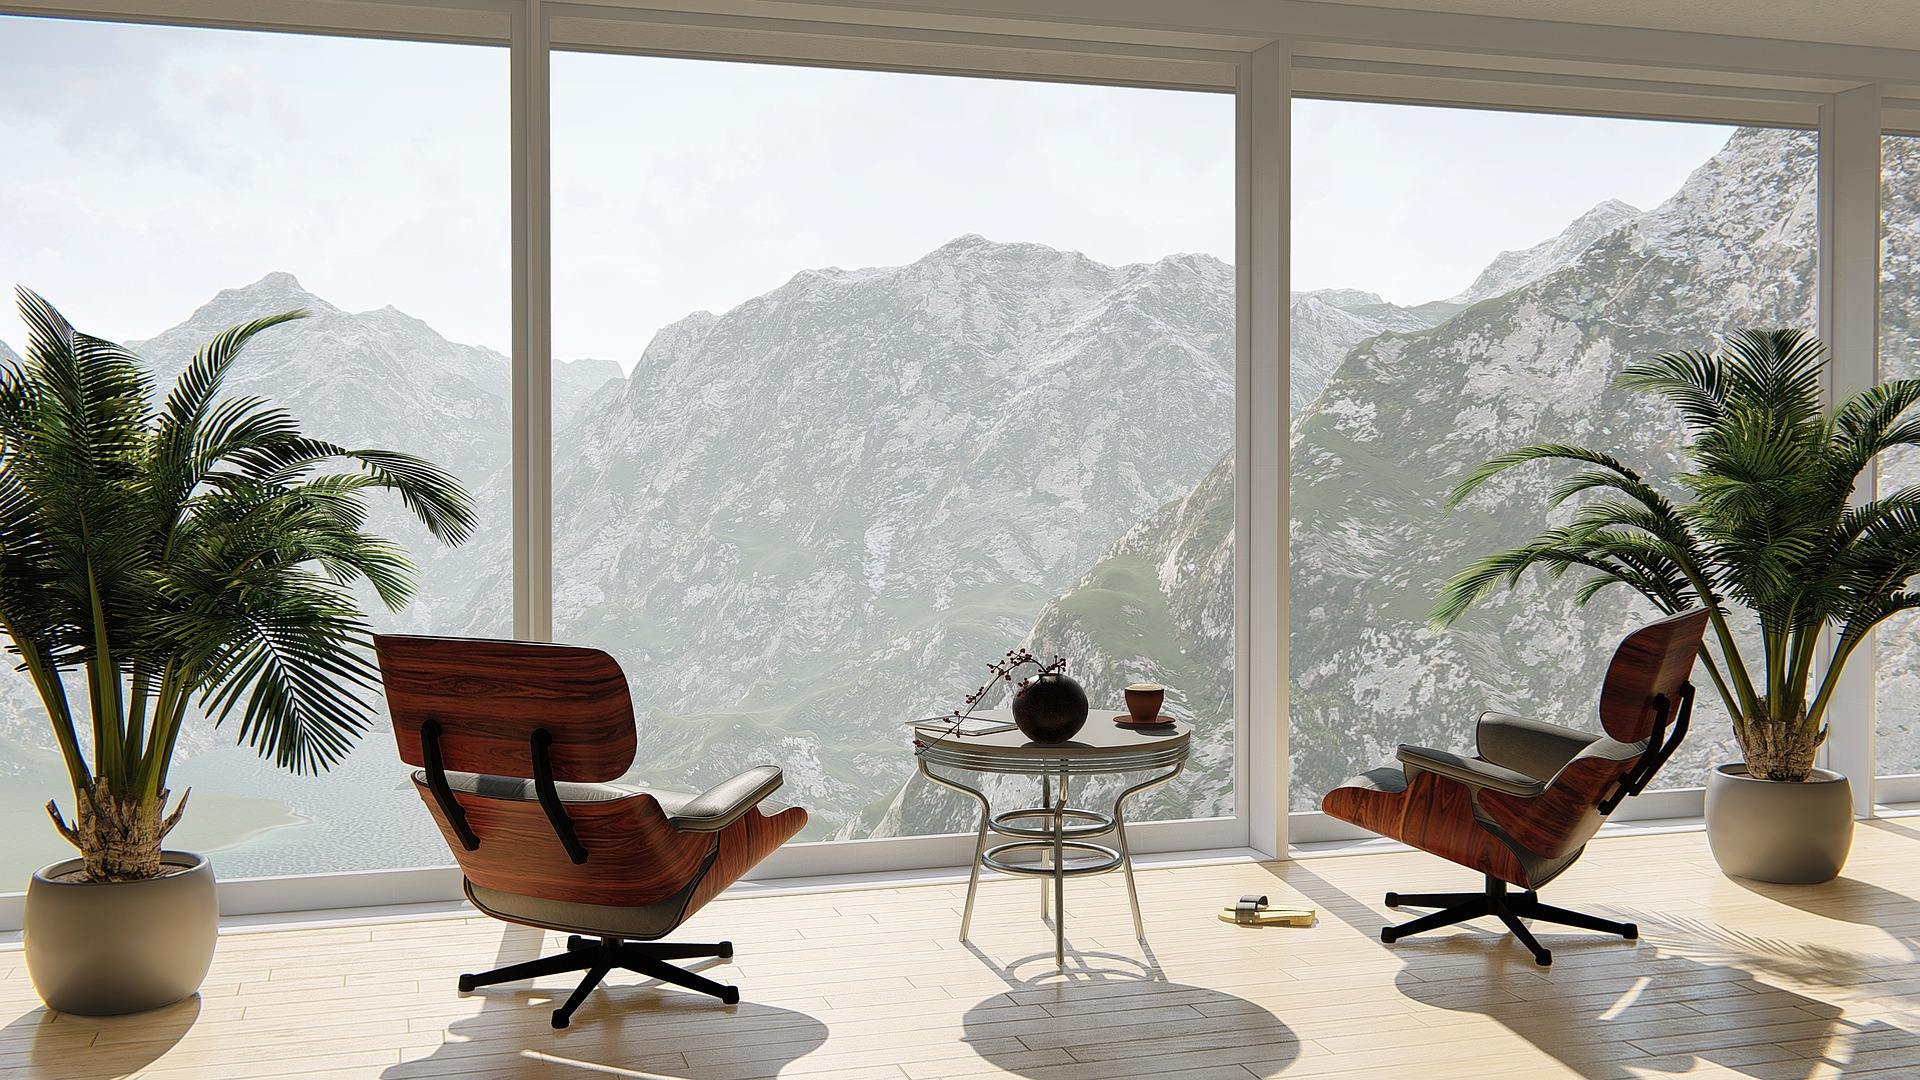 Apartament w górach